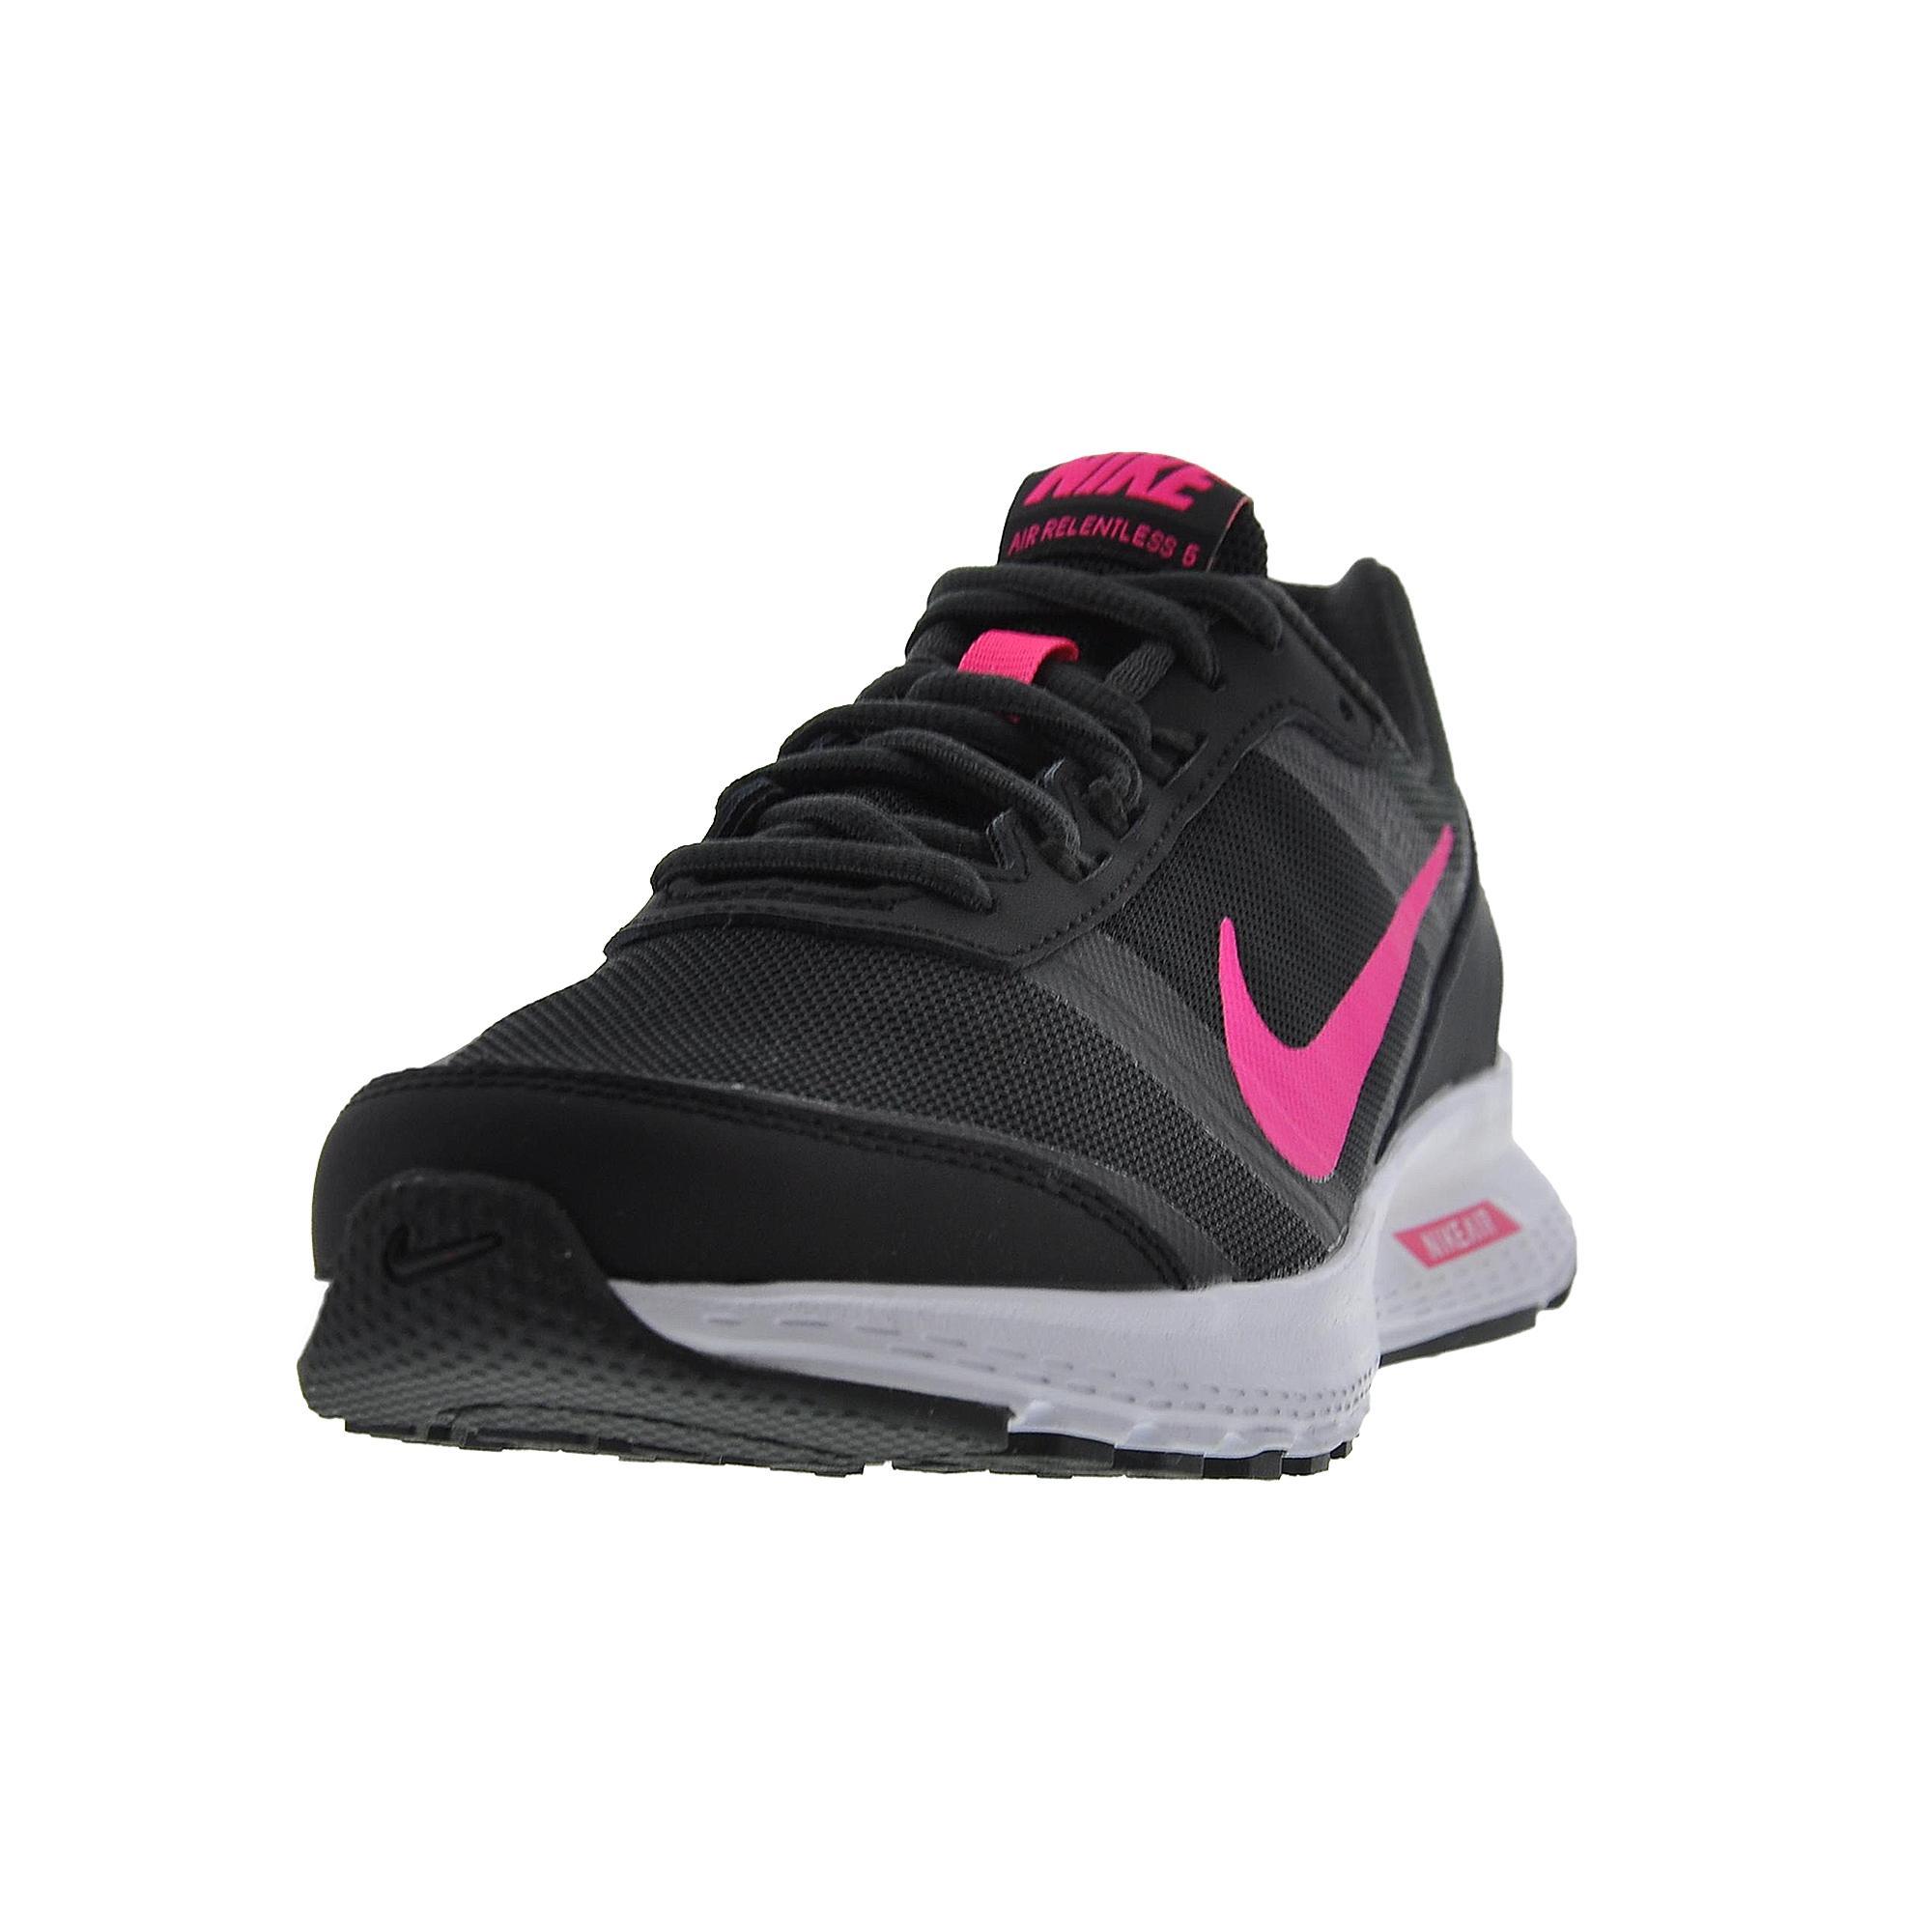 3efa091f2ba Nike Air Relentless 5 Kadın Spor Ayakkabı  807098-005 - Barcin.com